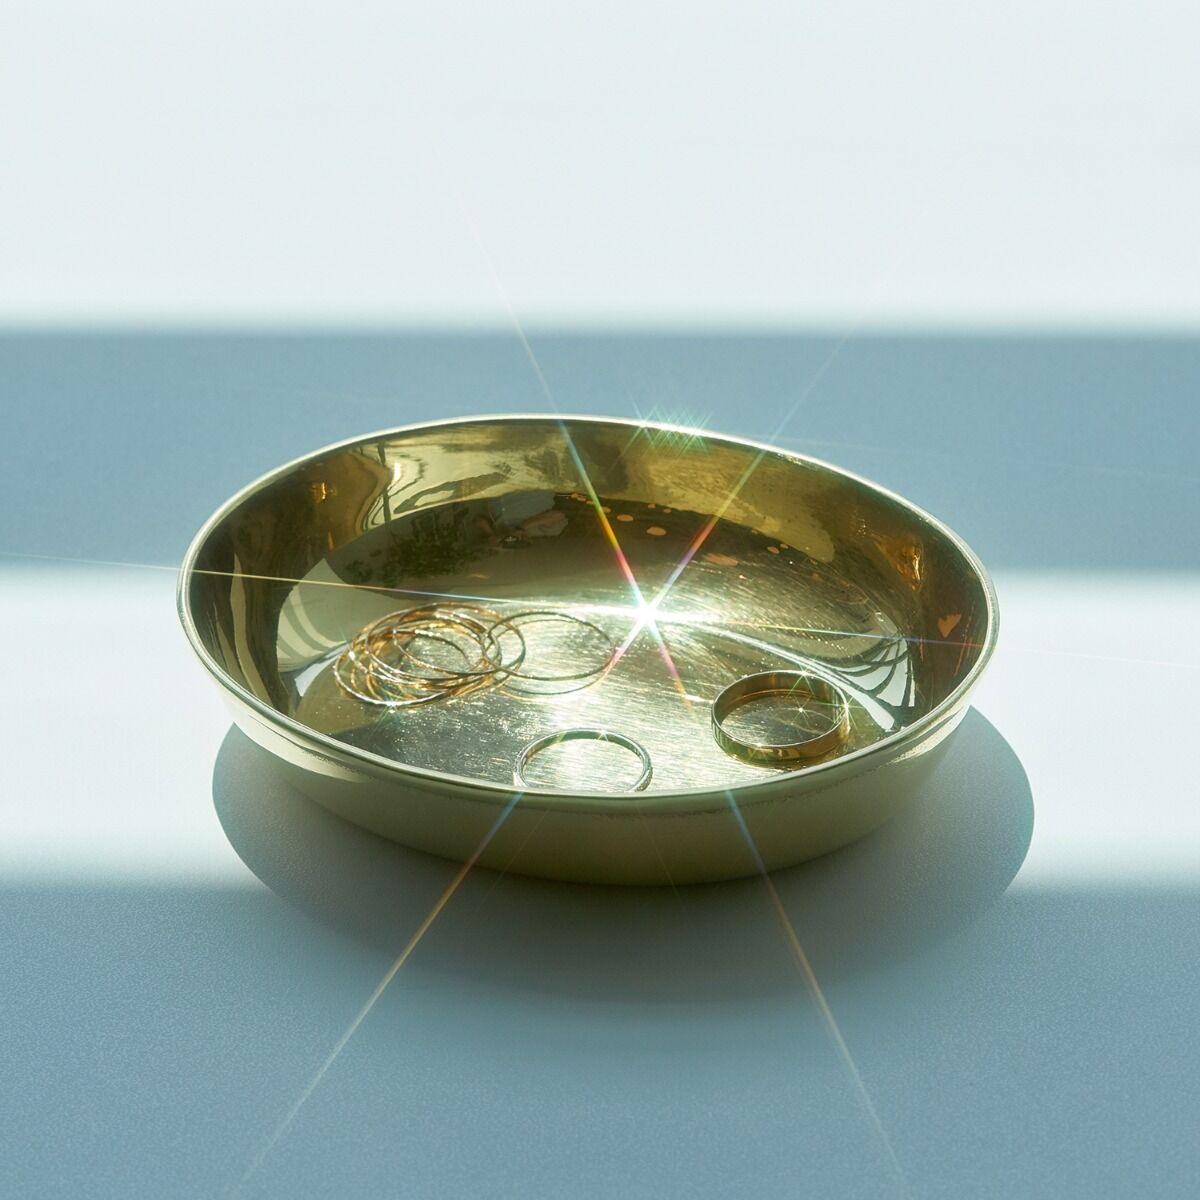 Very Shiny Brass Bowl image